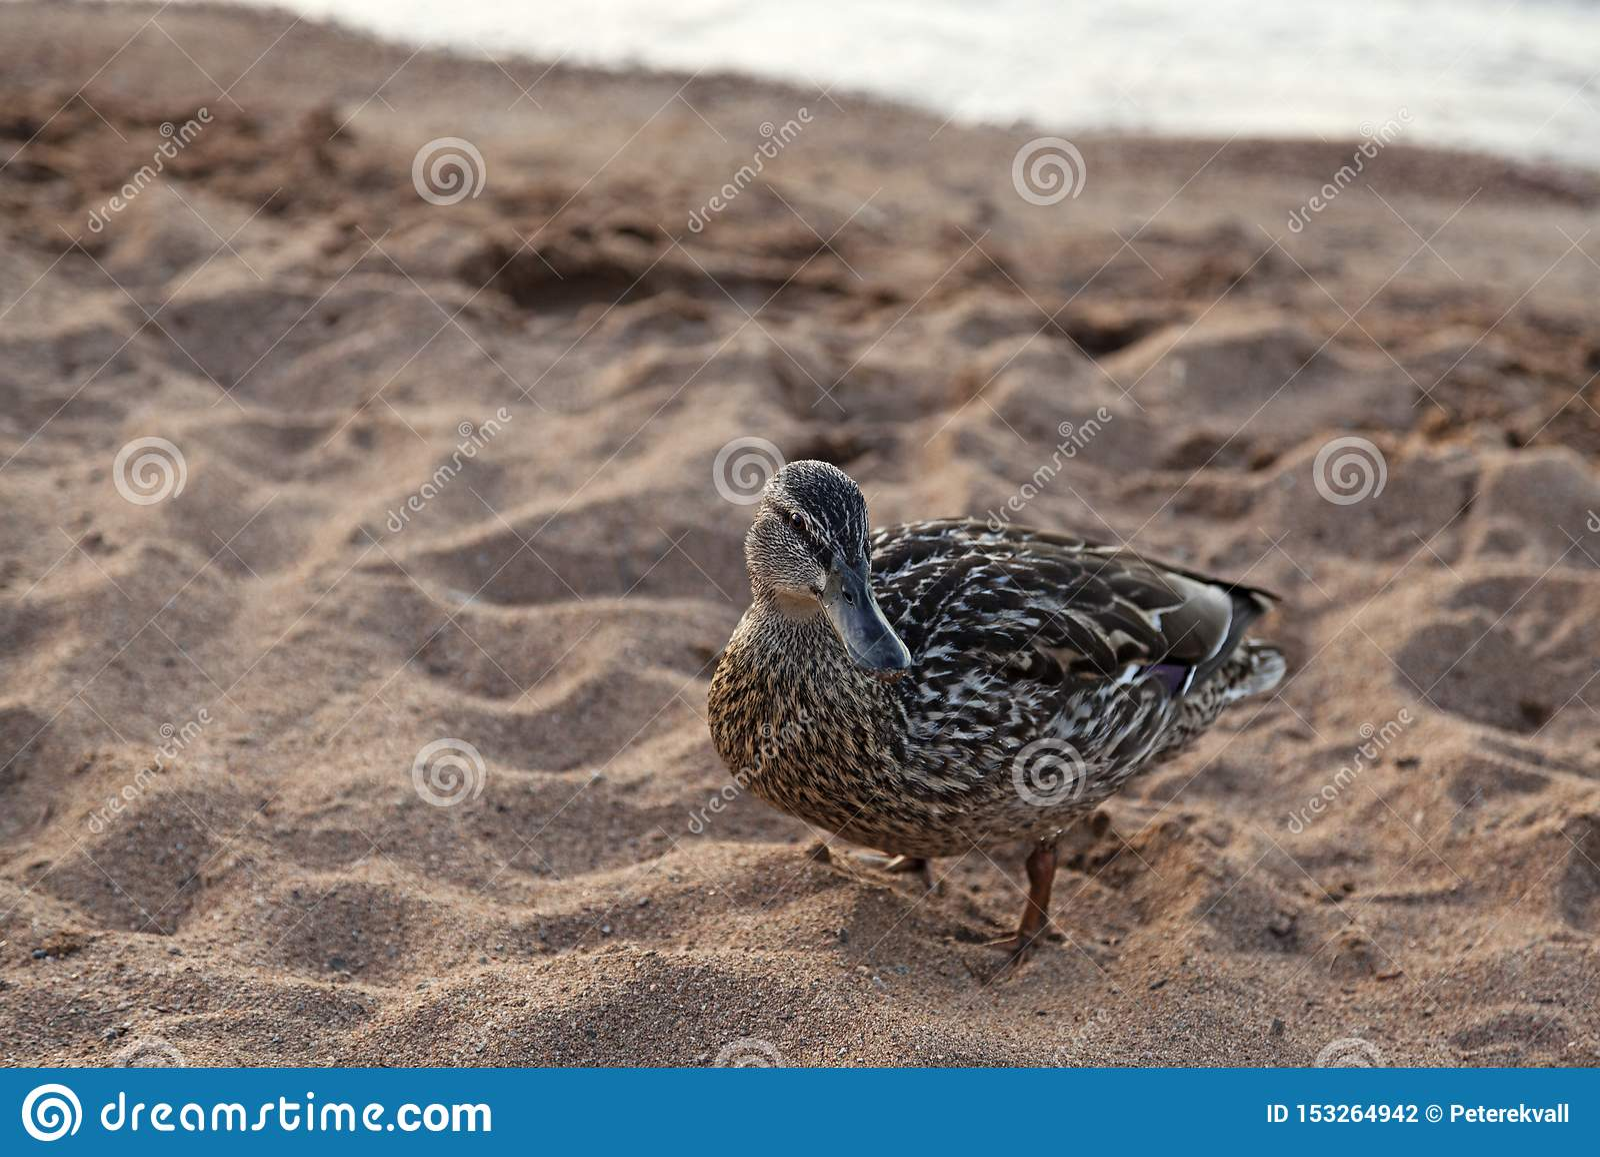 Duck on the sandy beach